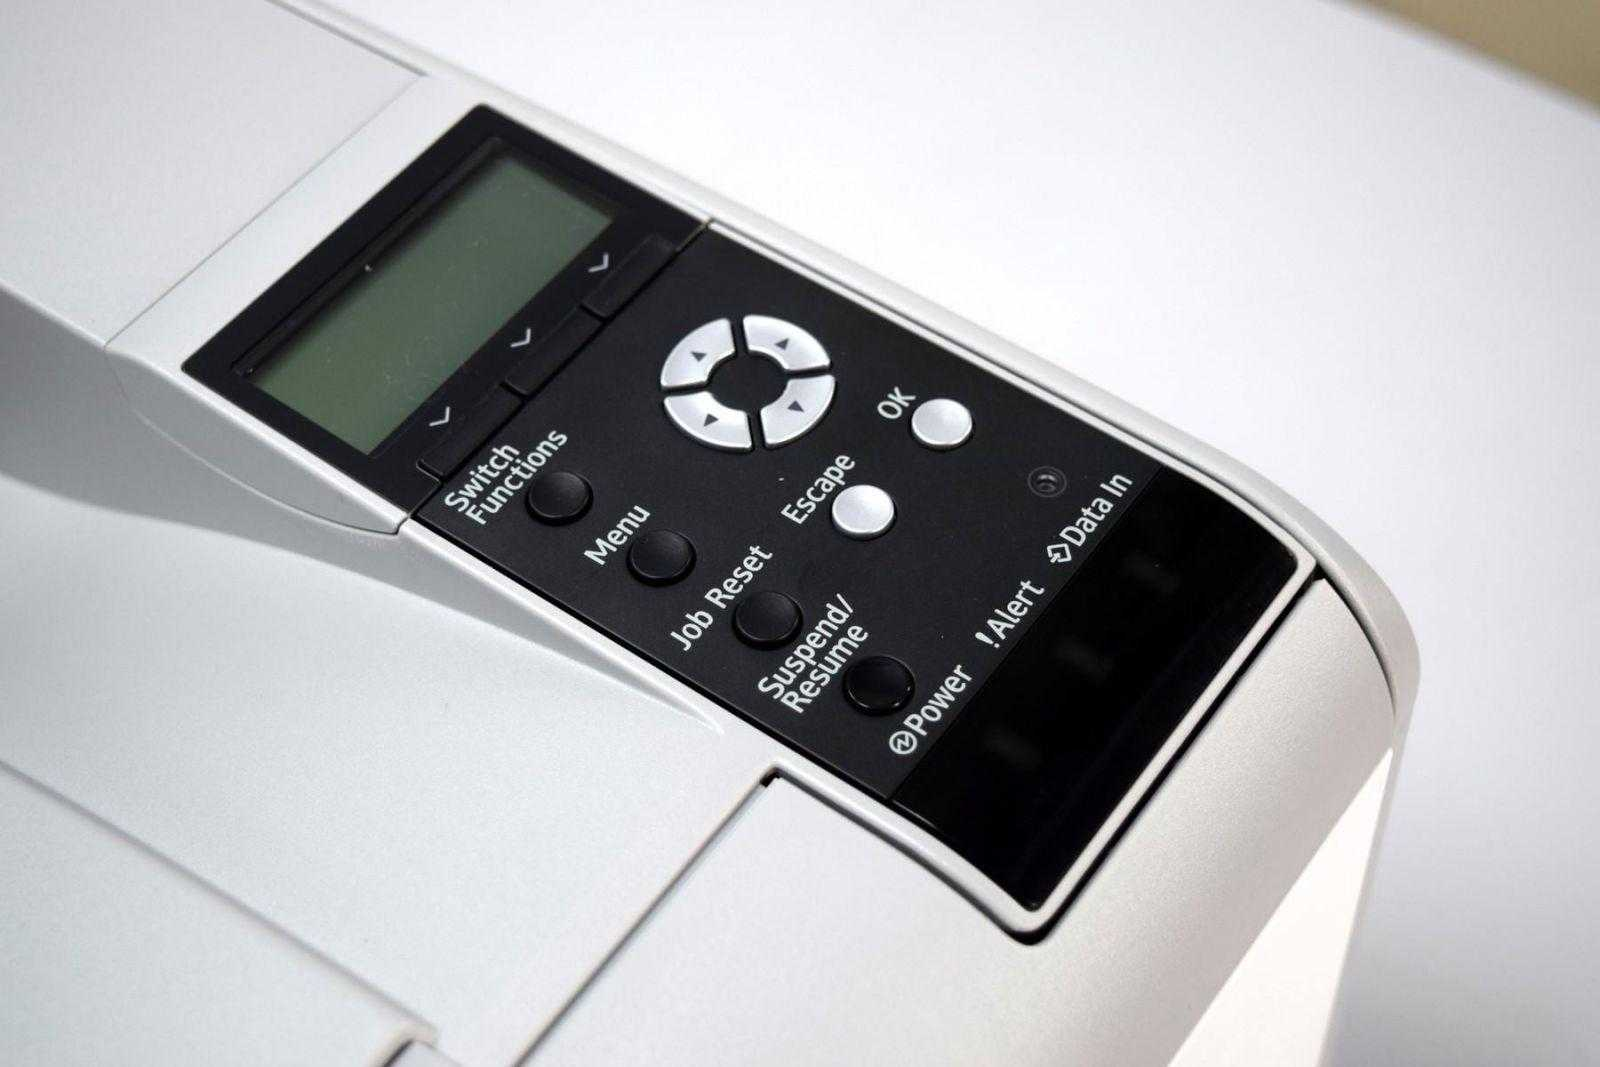 DSC 0764 - Обзор принтера Ricoh SP 450DN. Быстрая печать для офиса